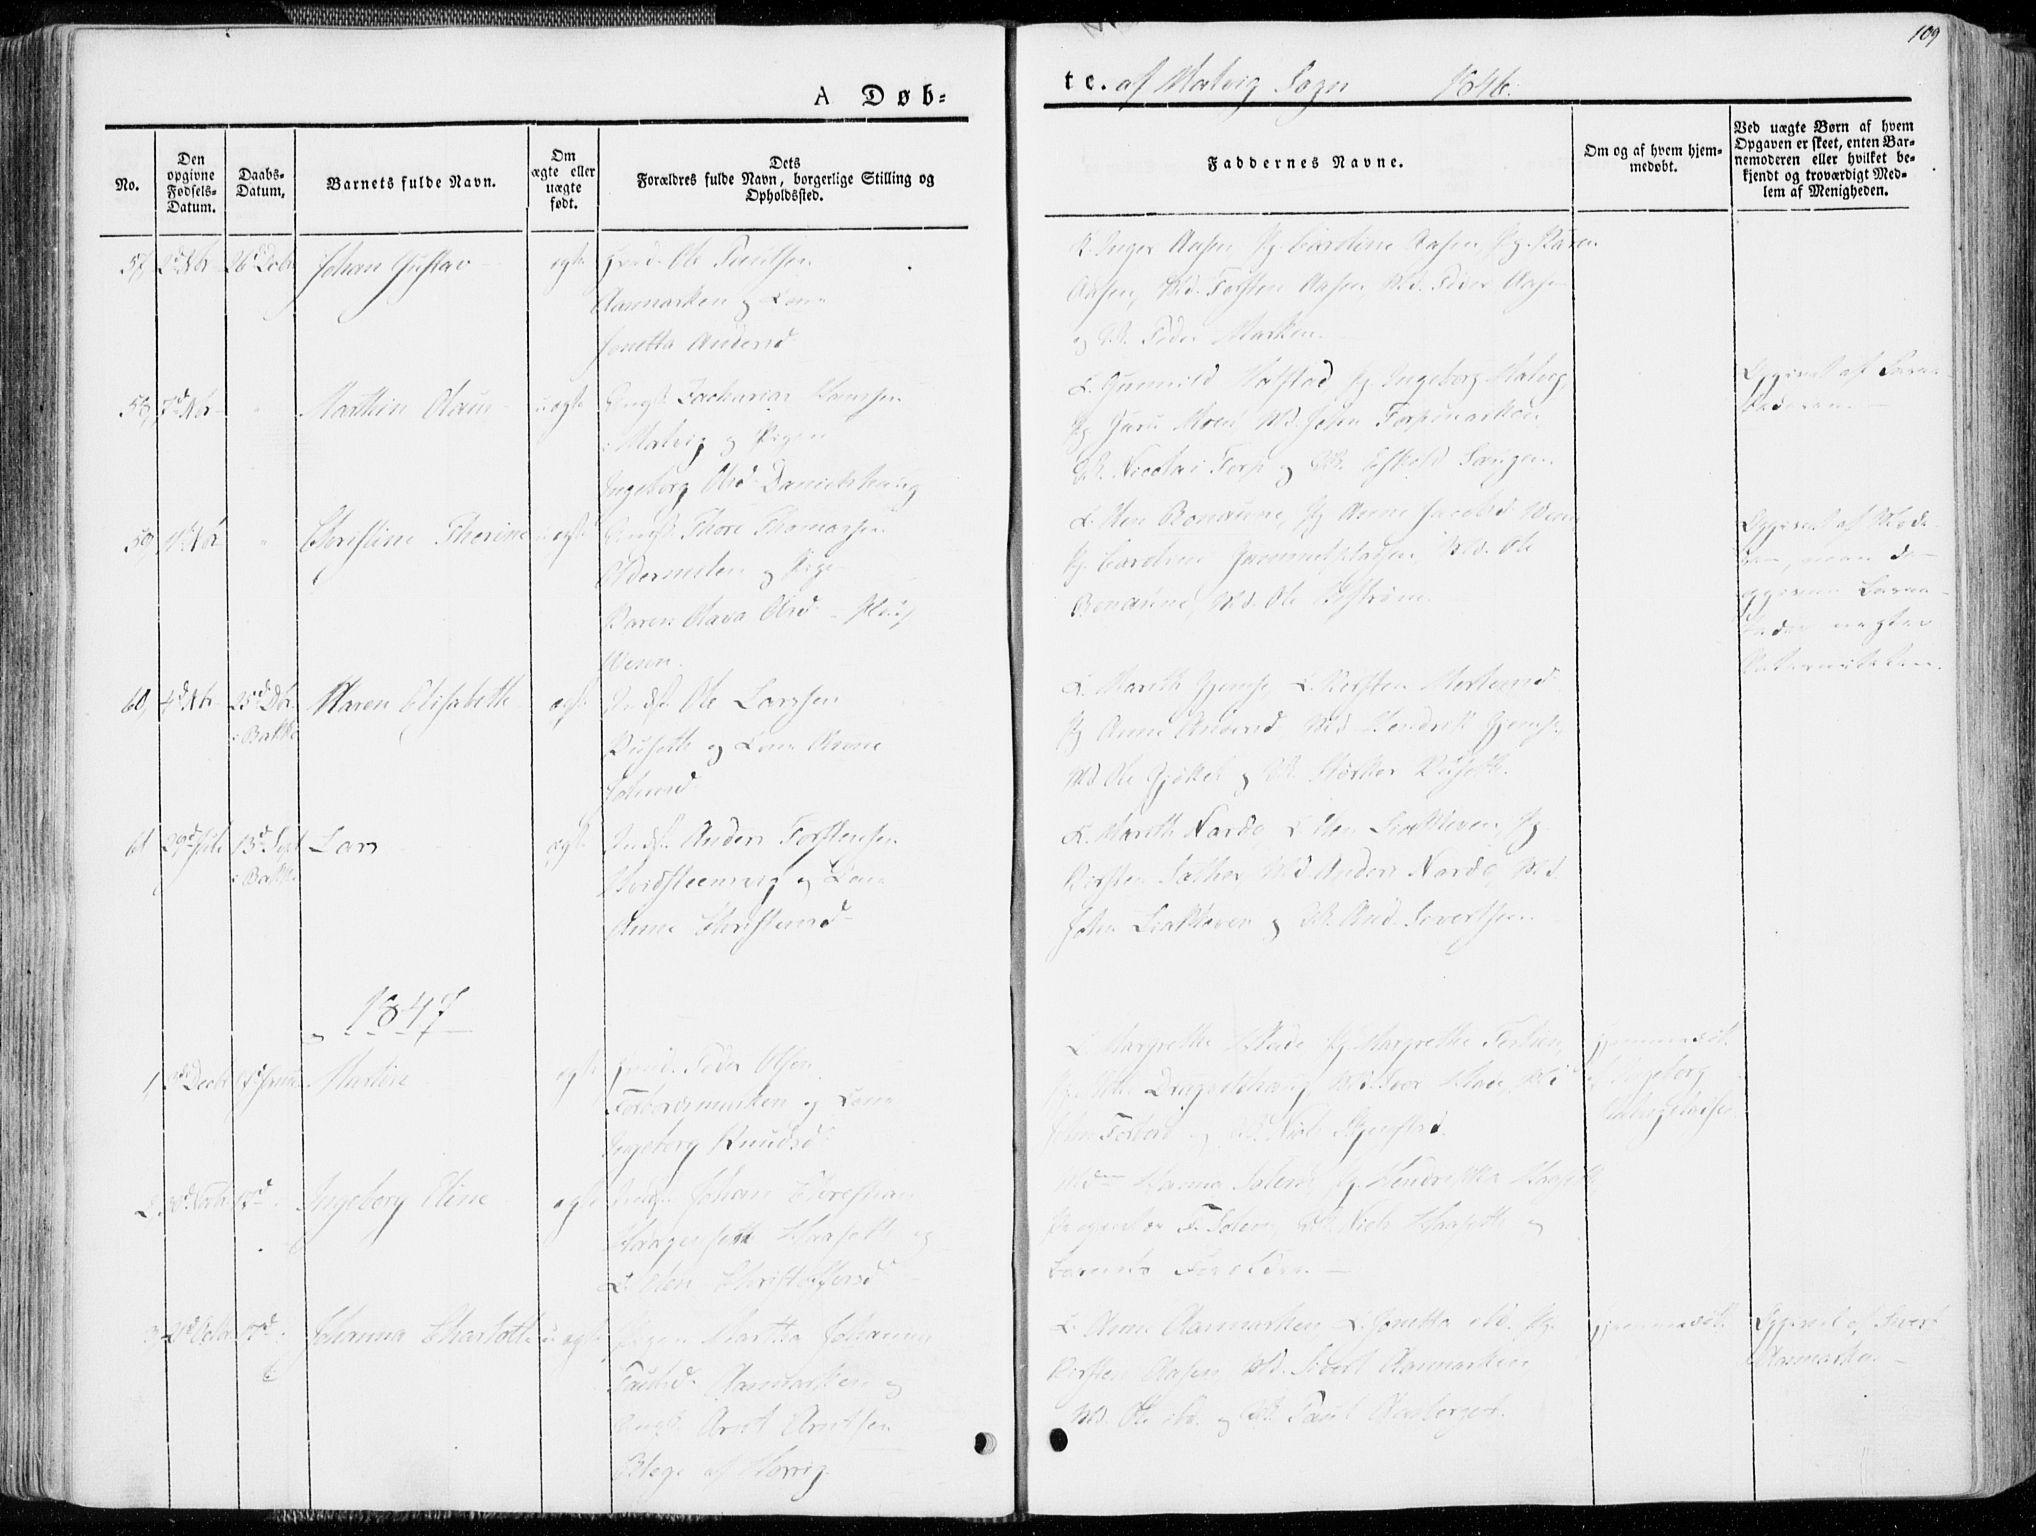 SAT, Ministerialprotokoller, klokkerbøker og fødselsregistre - Sør-Trøndelag, 606/L0290: Ministerialbok nr. 606A05, 1841-1847, s. 109